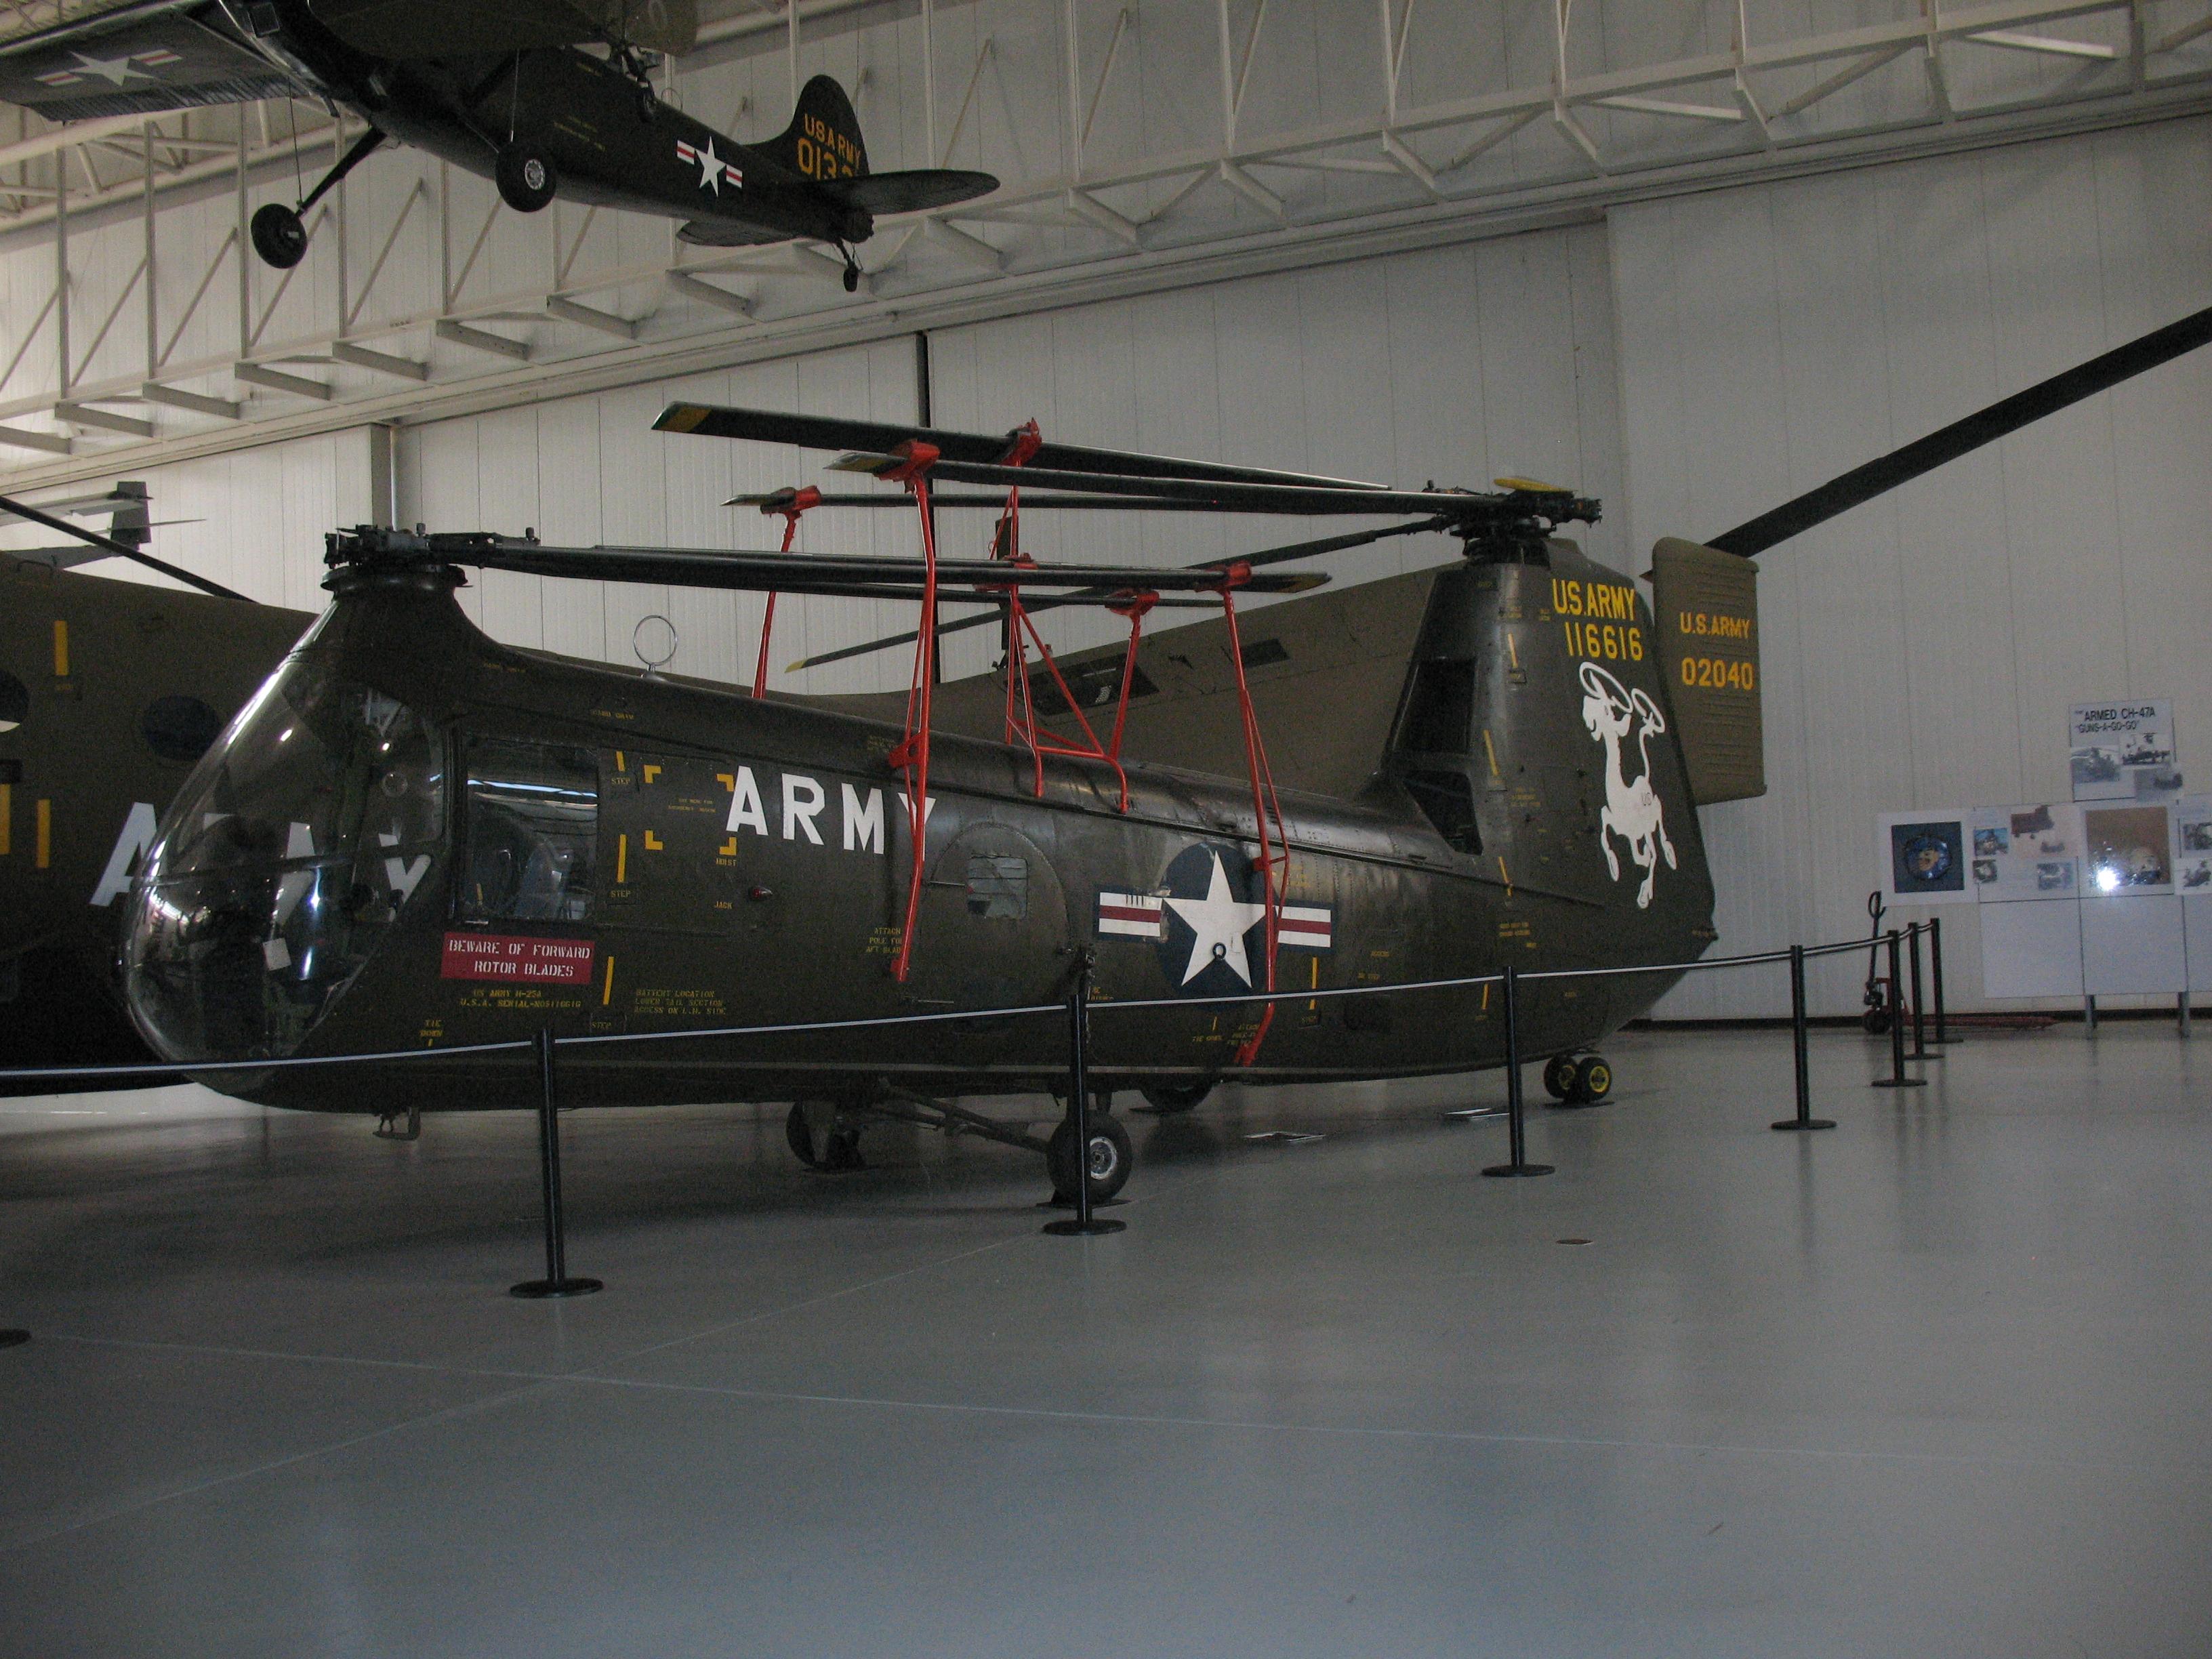 File:H-25 Army Mule 3849 (2076015305).jpg